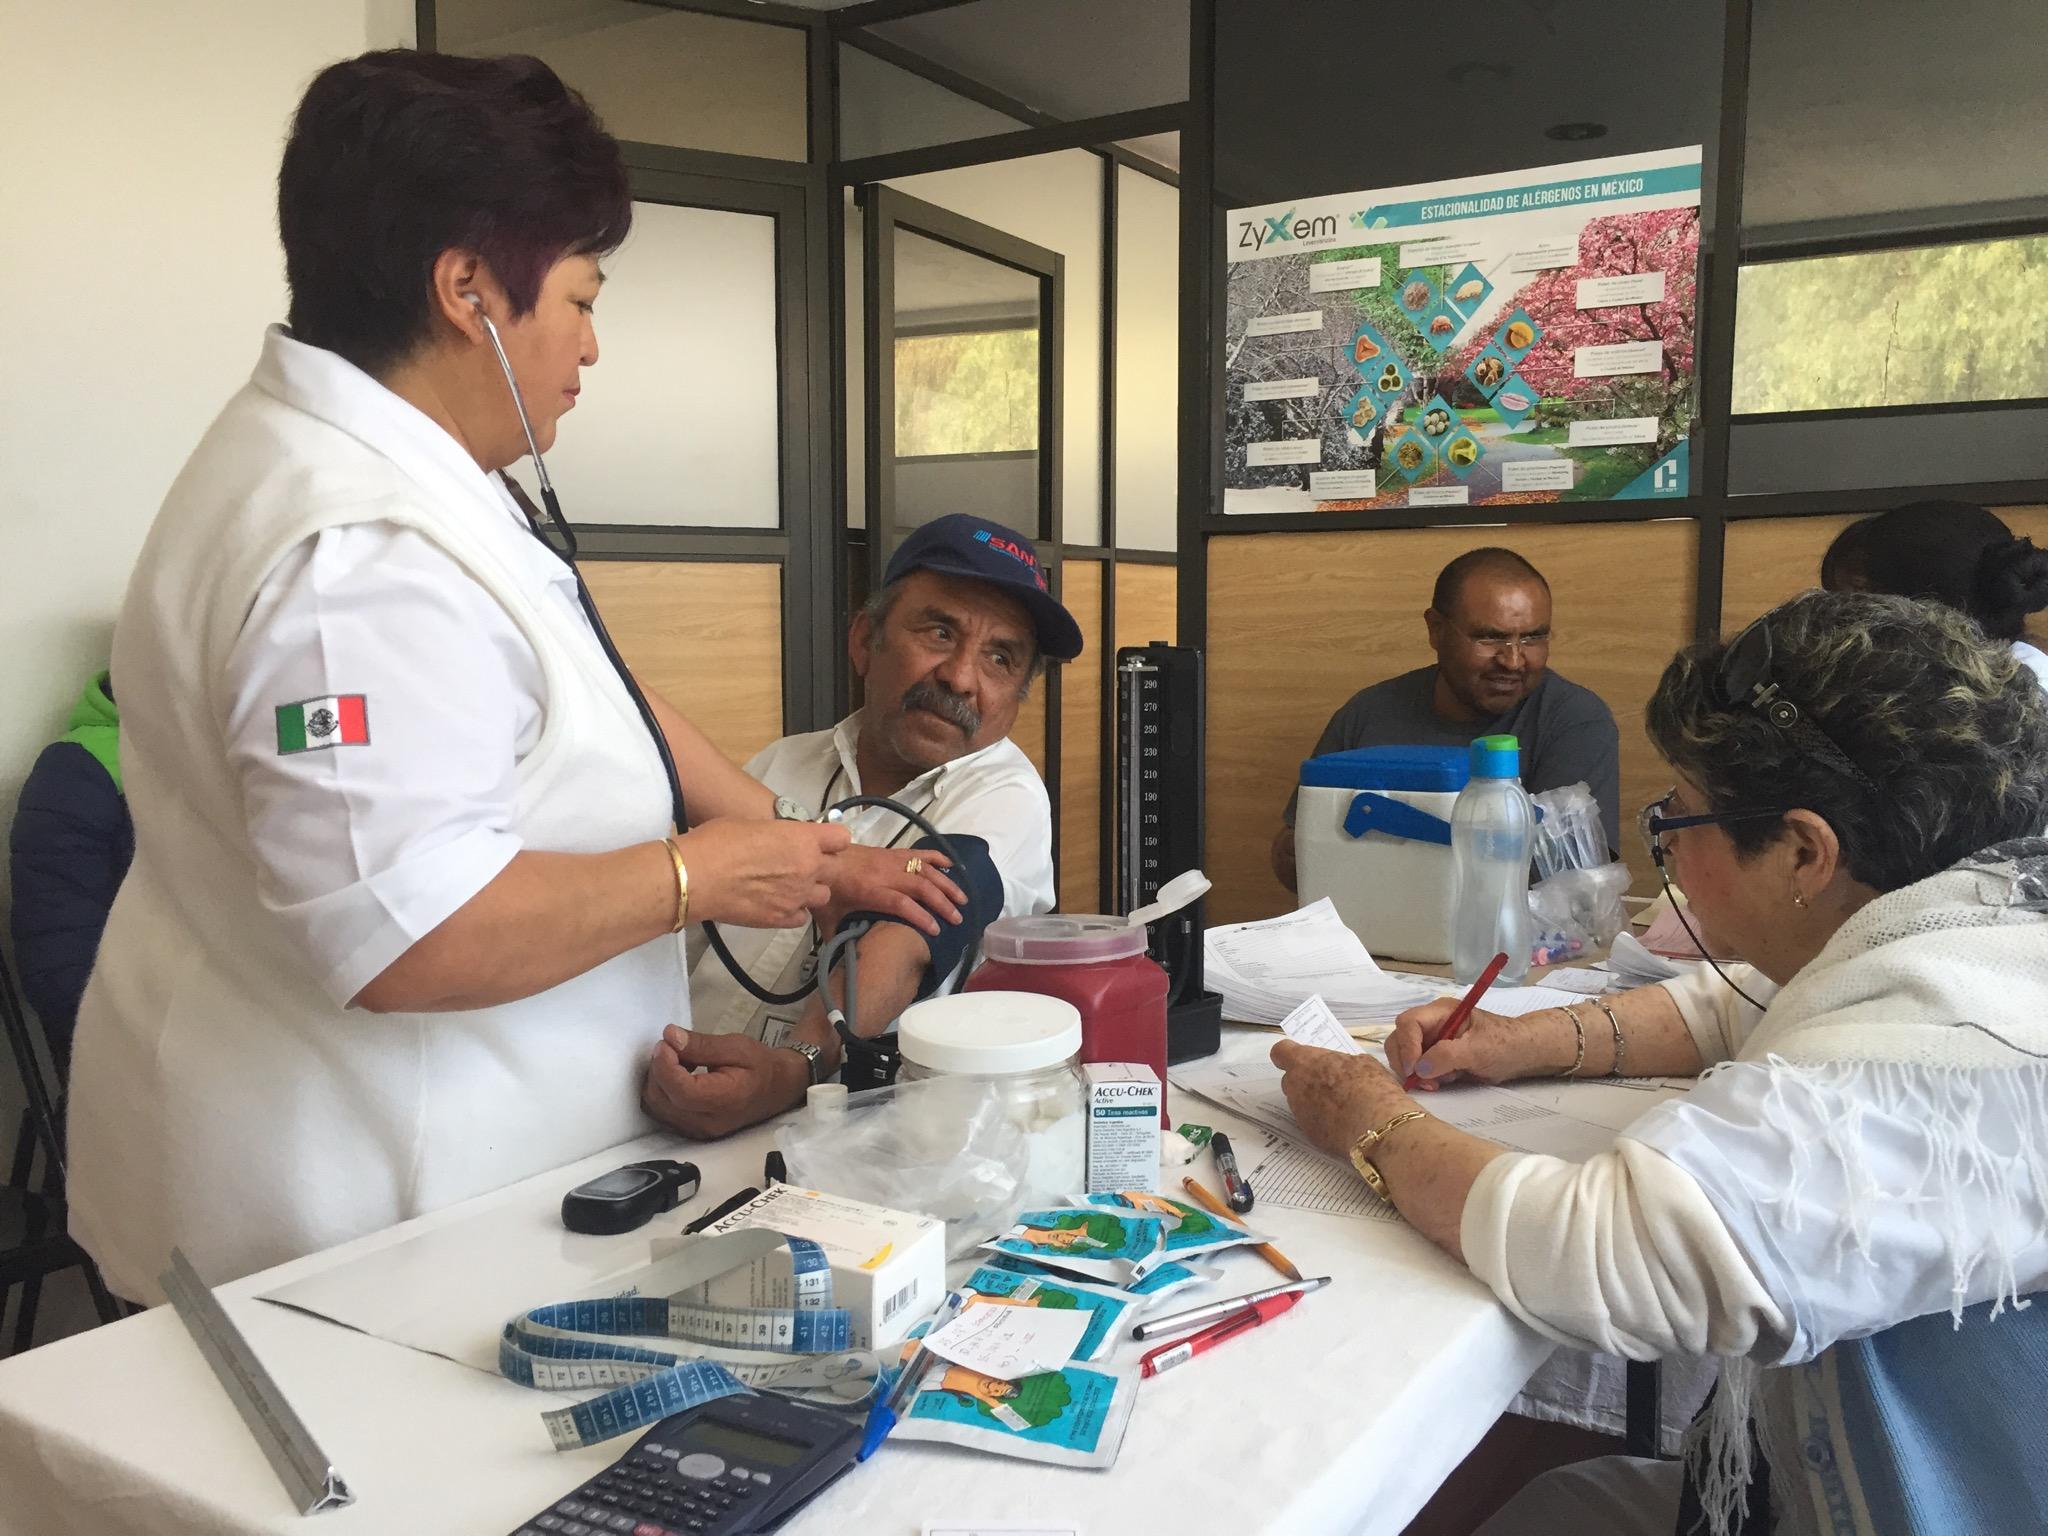 Hipertensión arterial, una de las principales causas de mortalidad en México: ISSSTE